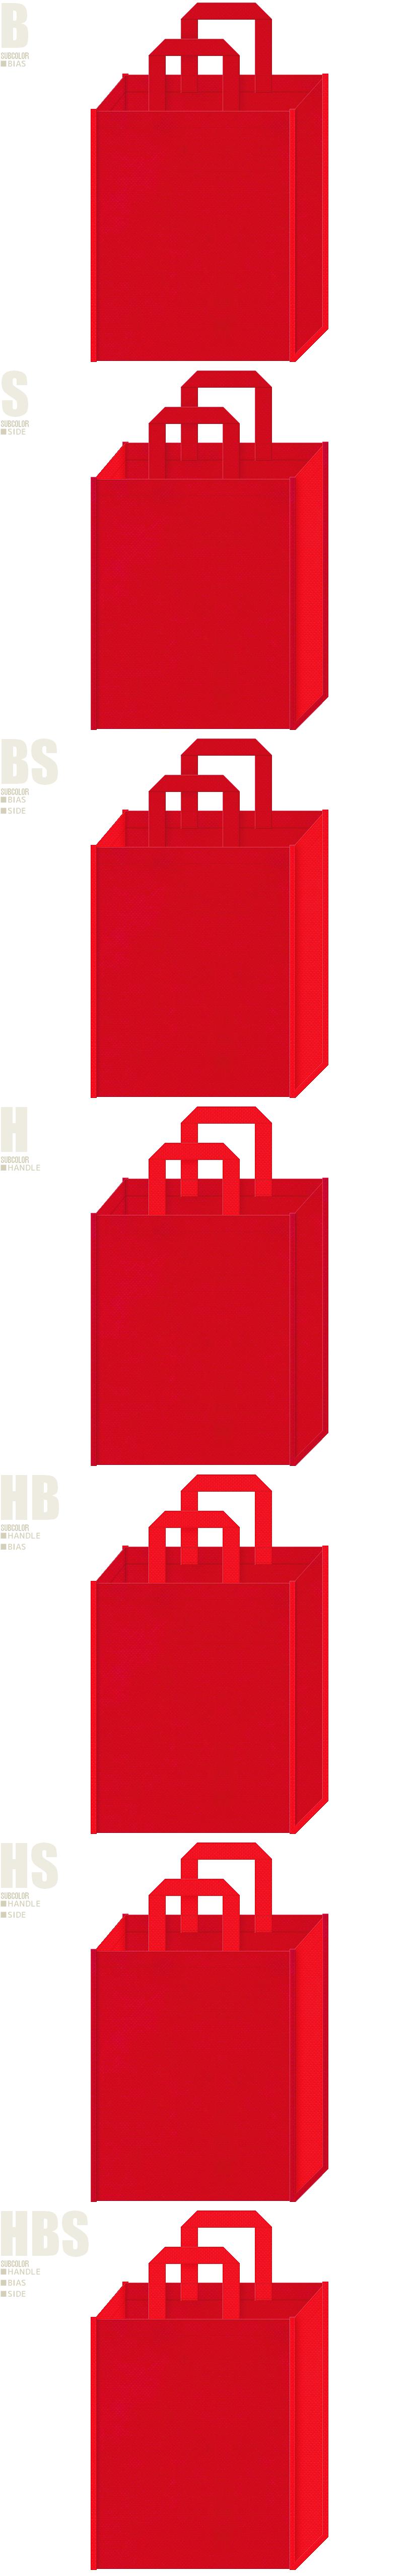 不織布トートバッグのデザイン:紅色と赤色のコーデ